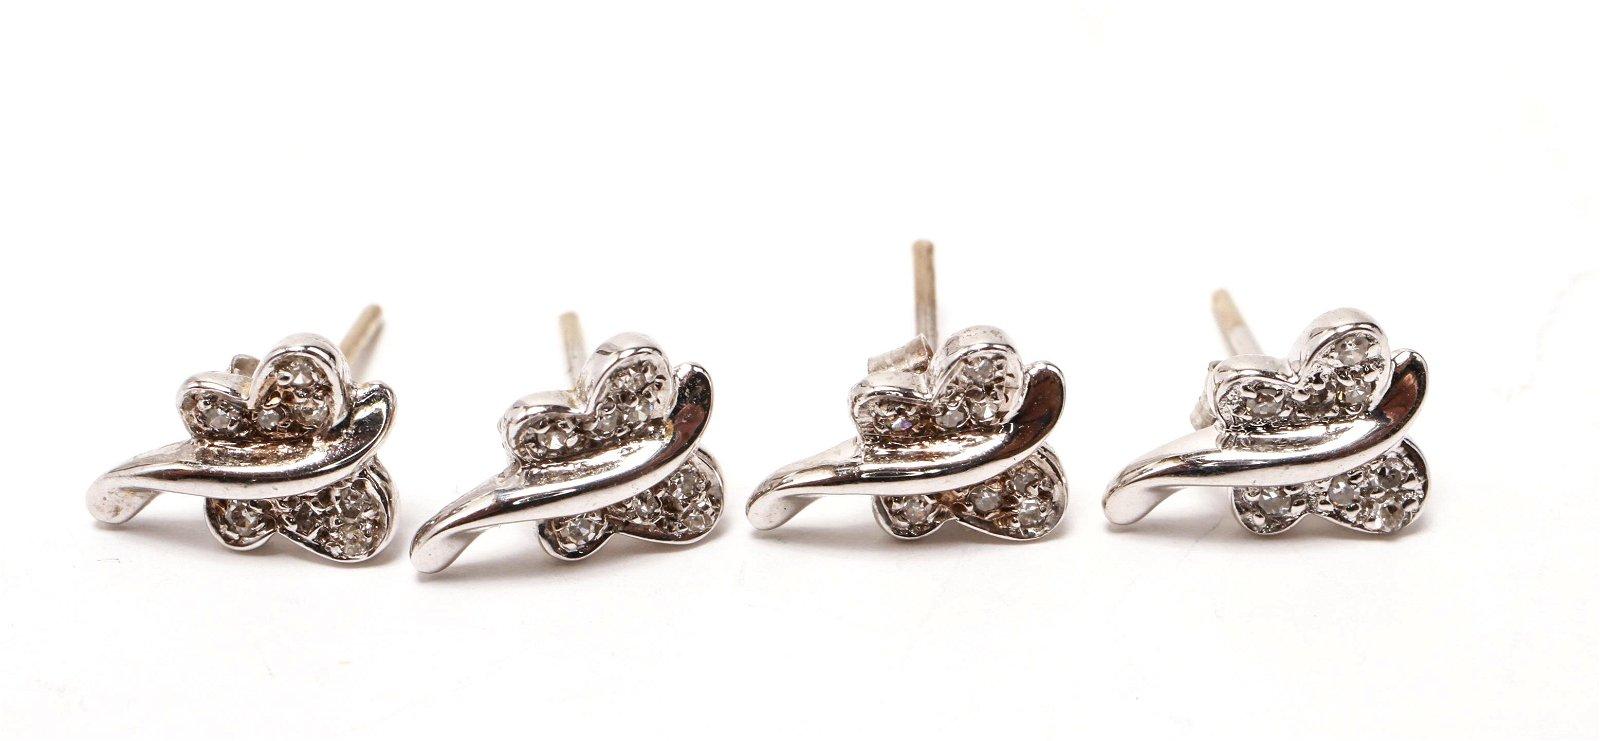 18K White Gold & Diamonds Butterfly Earrings 2 Pr